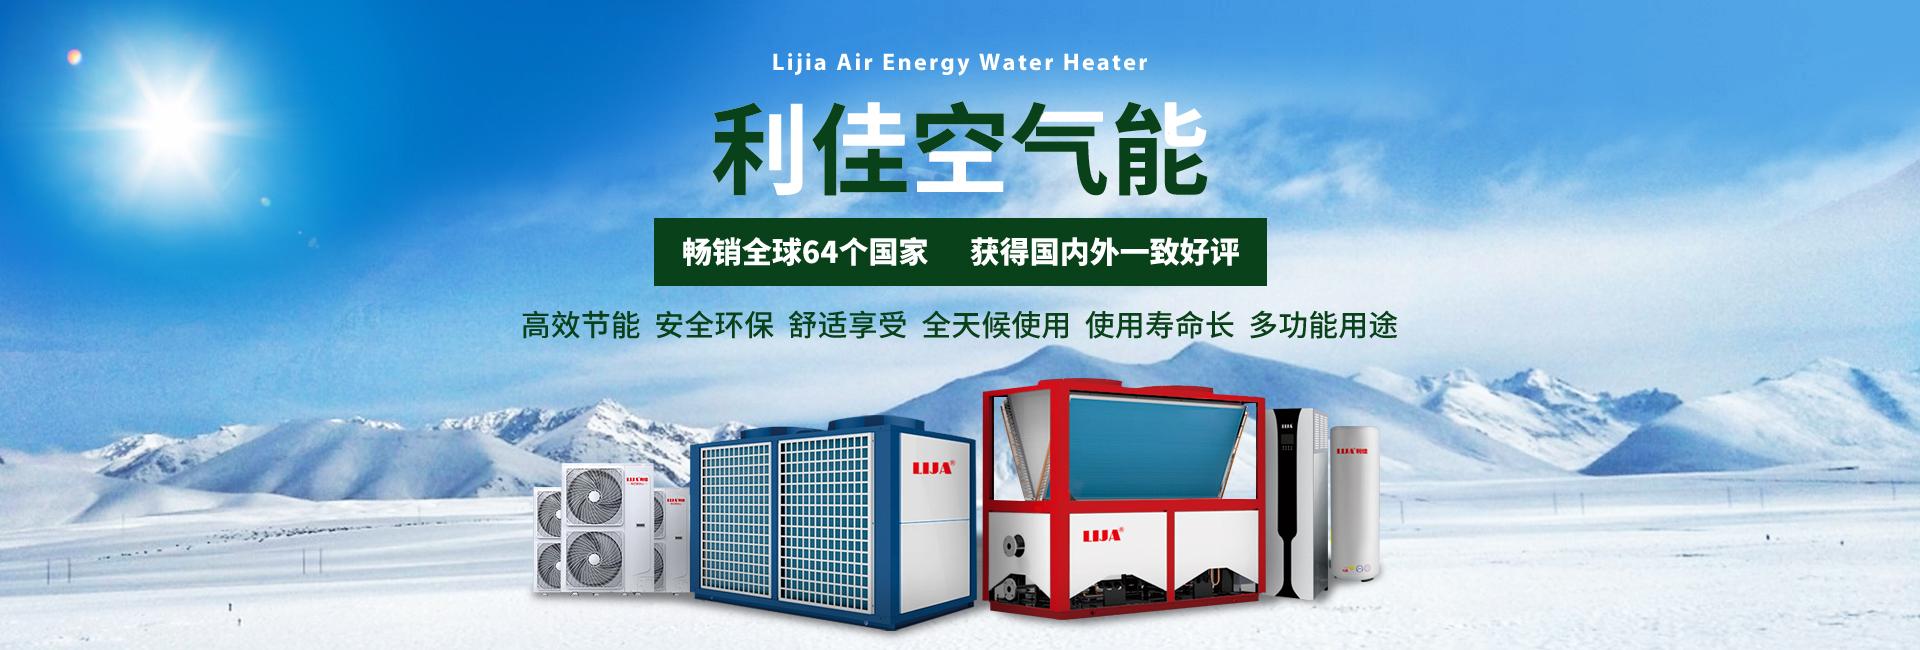 广西太阳能热水器,广西空气能热水器,广西太空能热水器